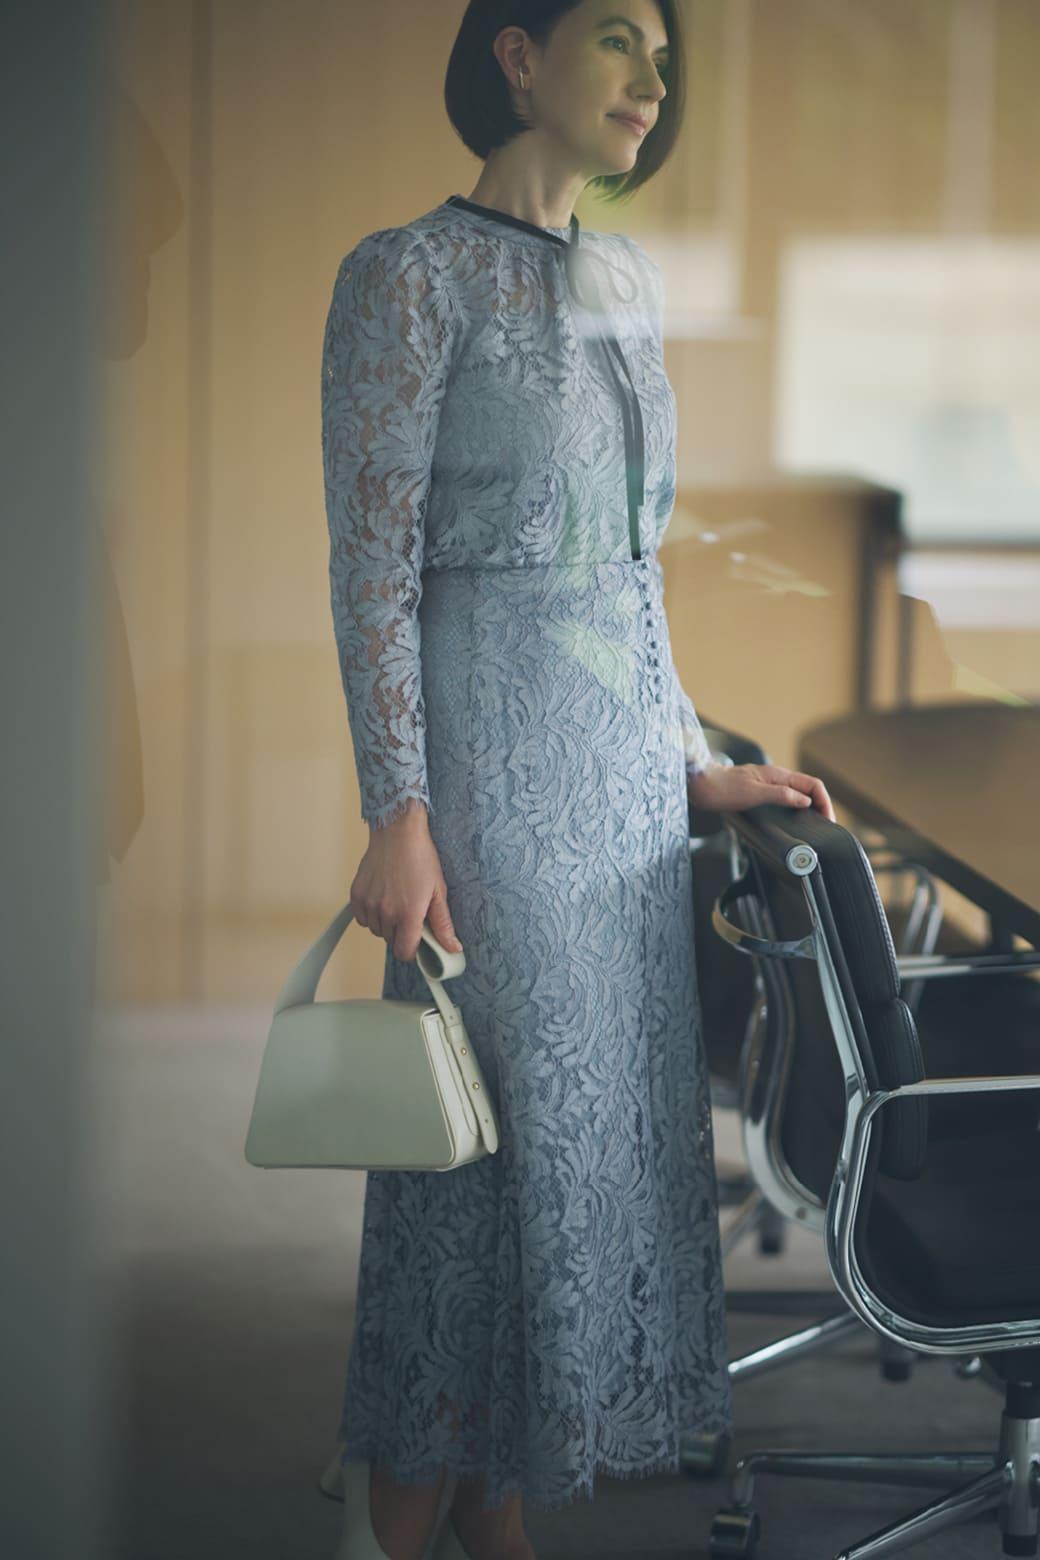 ブルーのワンピースを着たリサ・ステッグマイヤー